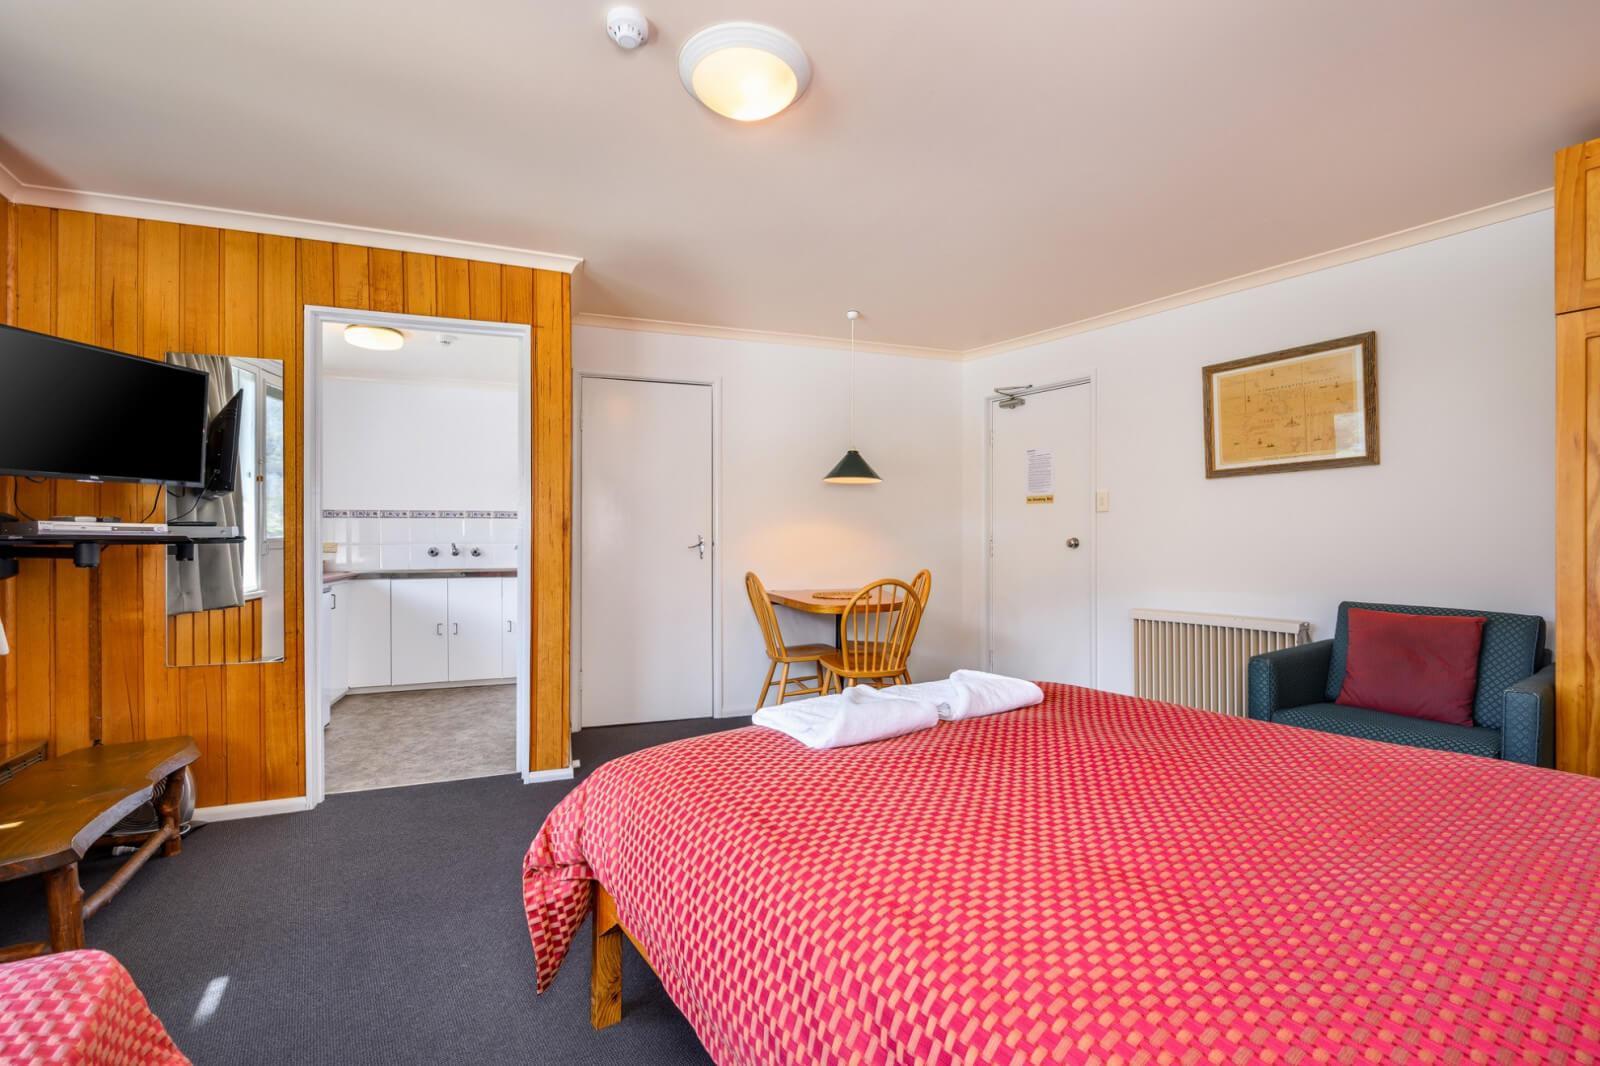 Studio Apartment (max 2 guests)